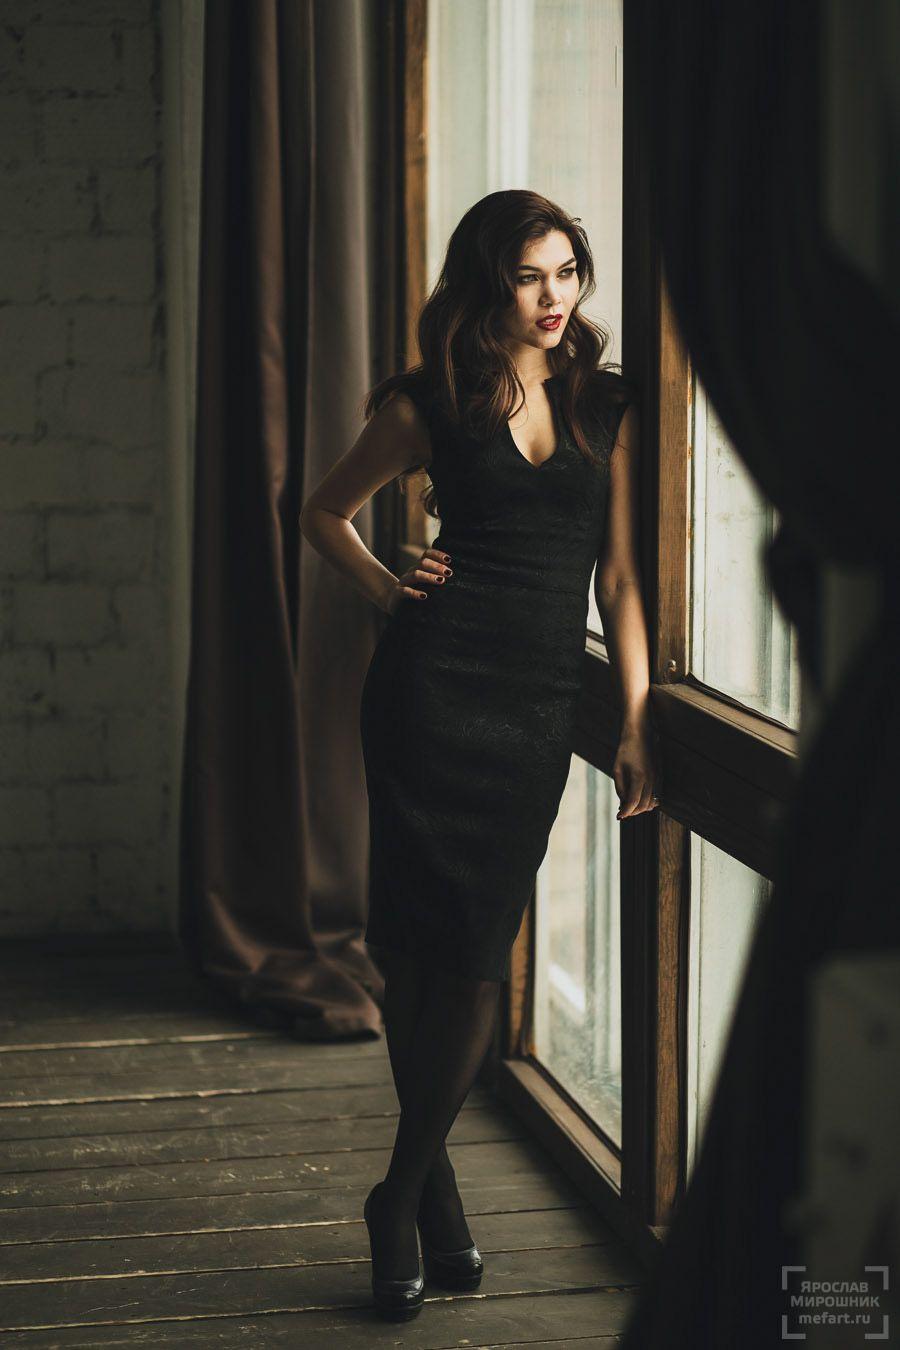 фотосессия в студии в москве: девушка в черном платье с ...